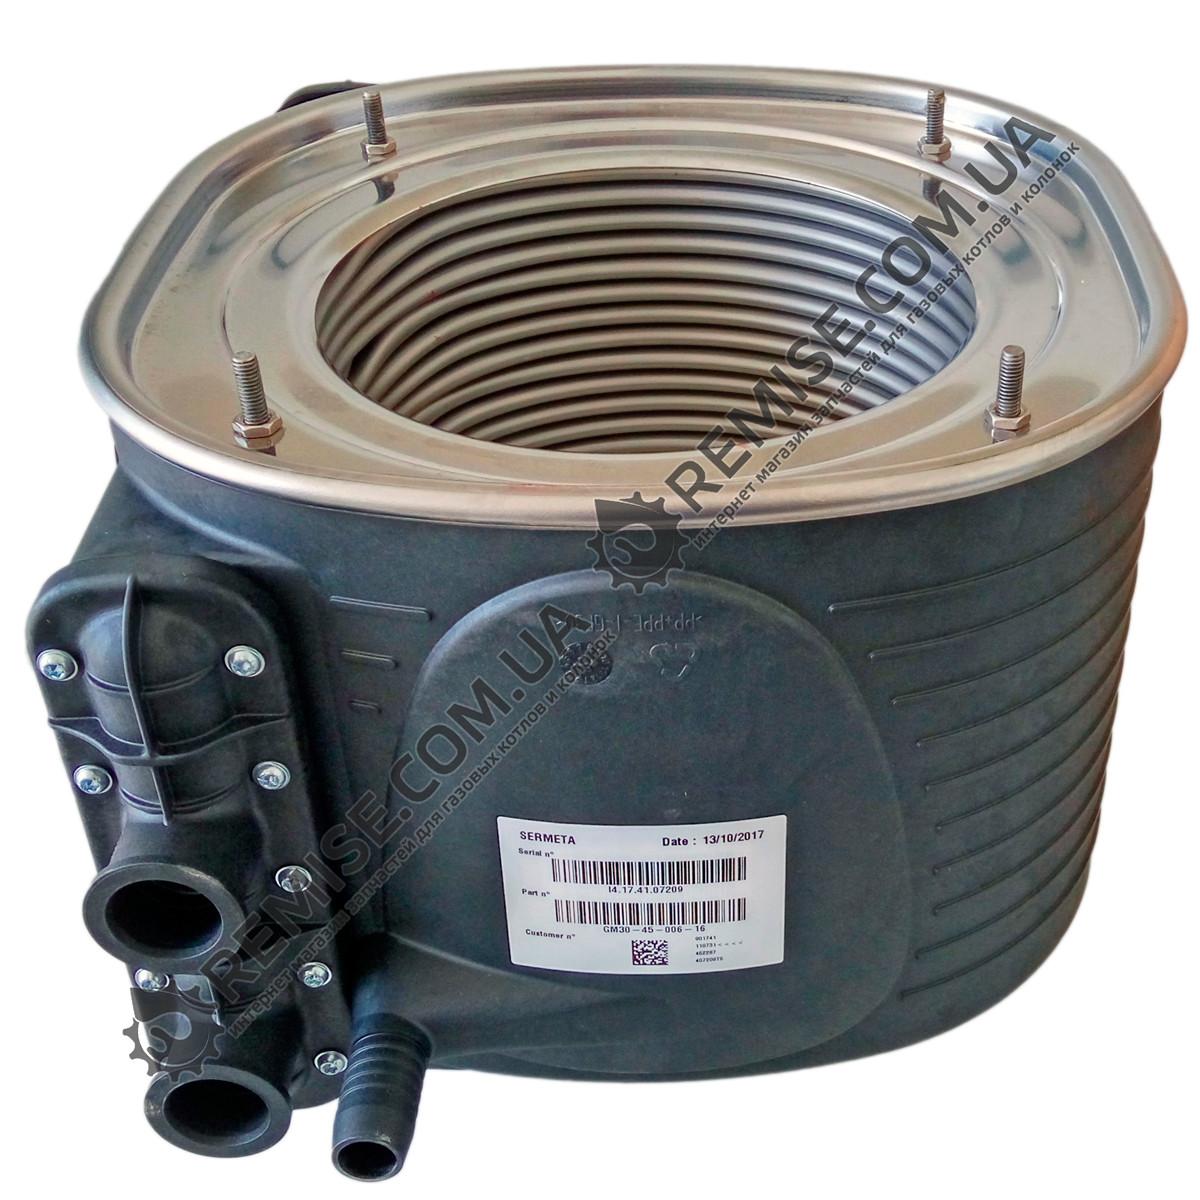 Кожухотрубный конденсатор WTK CF 90 Петропавловск-Камчатский